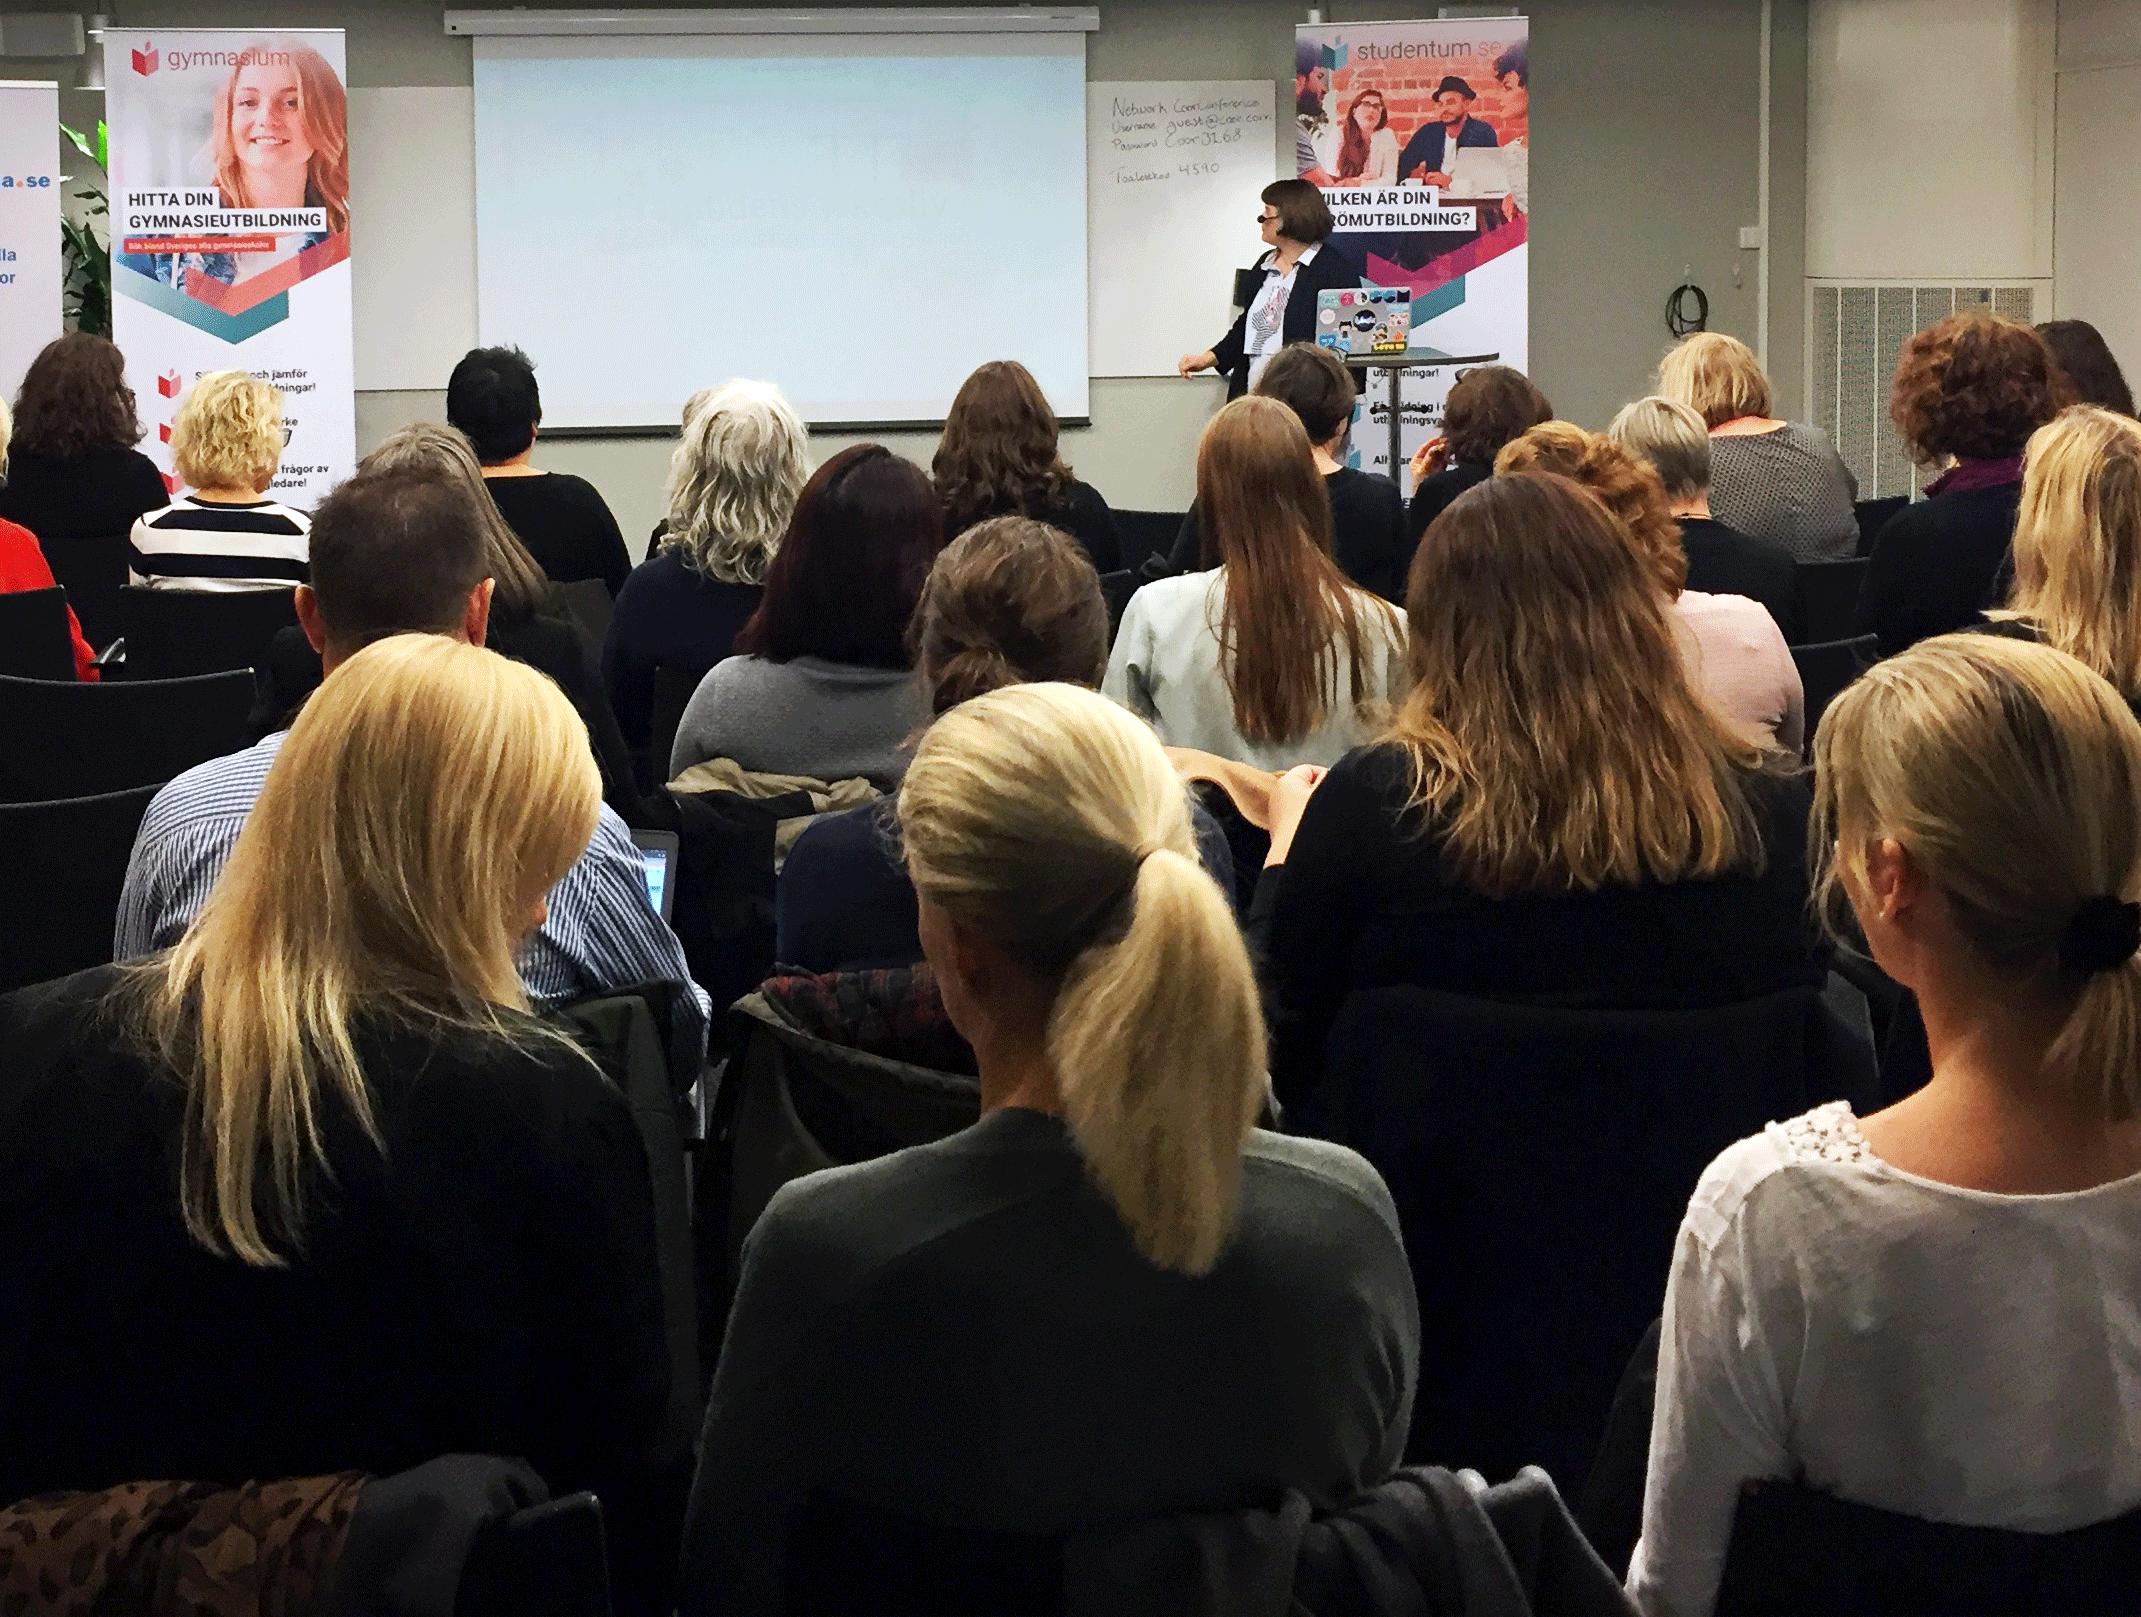 Föreläsning med teknikbloggaren Elin Häggberg - Elin Häggberg bloggar på Teknifik.se och vann nyligen kategorin Årets varumärke på Stora Influencerpriset 2017. Elin gav en inspirerande och tankeväckande föreläsning om framtidens yrkesliv och hur det kommer präglas av digitalisering, entreprenörskap, robotar och artificiell intelligens.